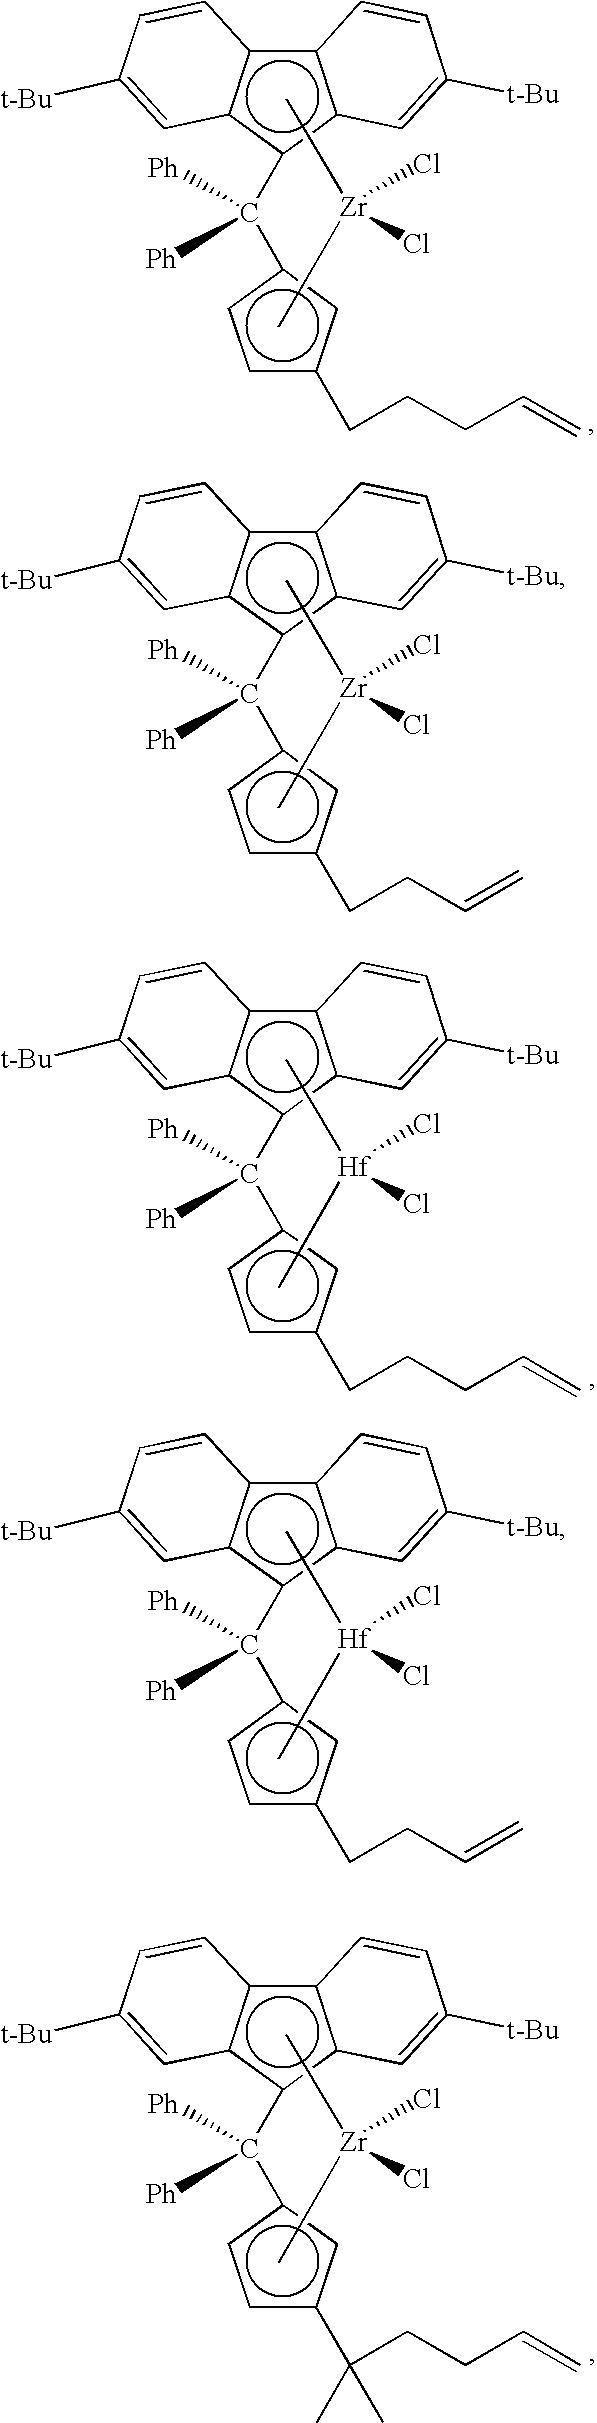 Figure US07619047-20091117-C00011